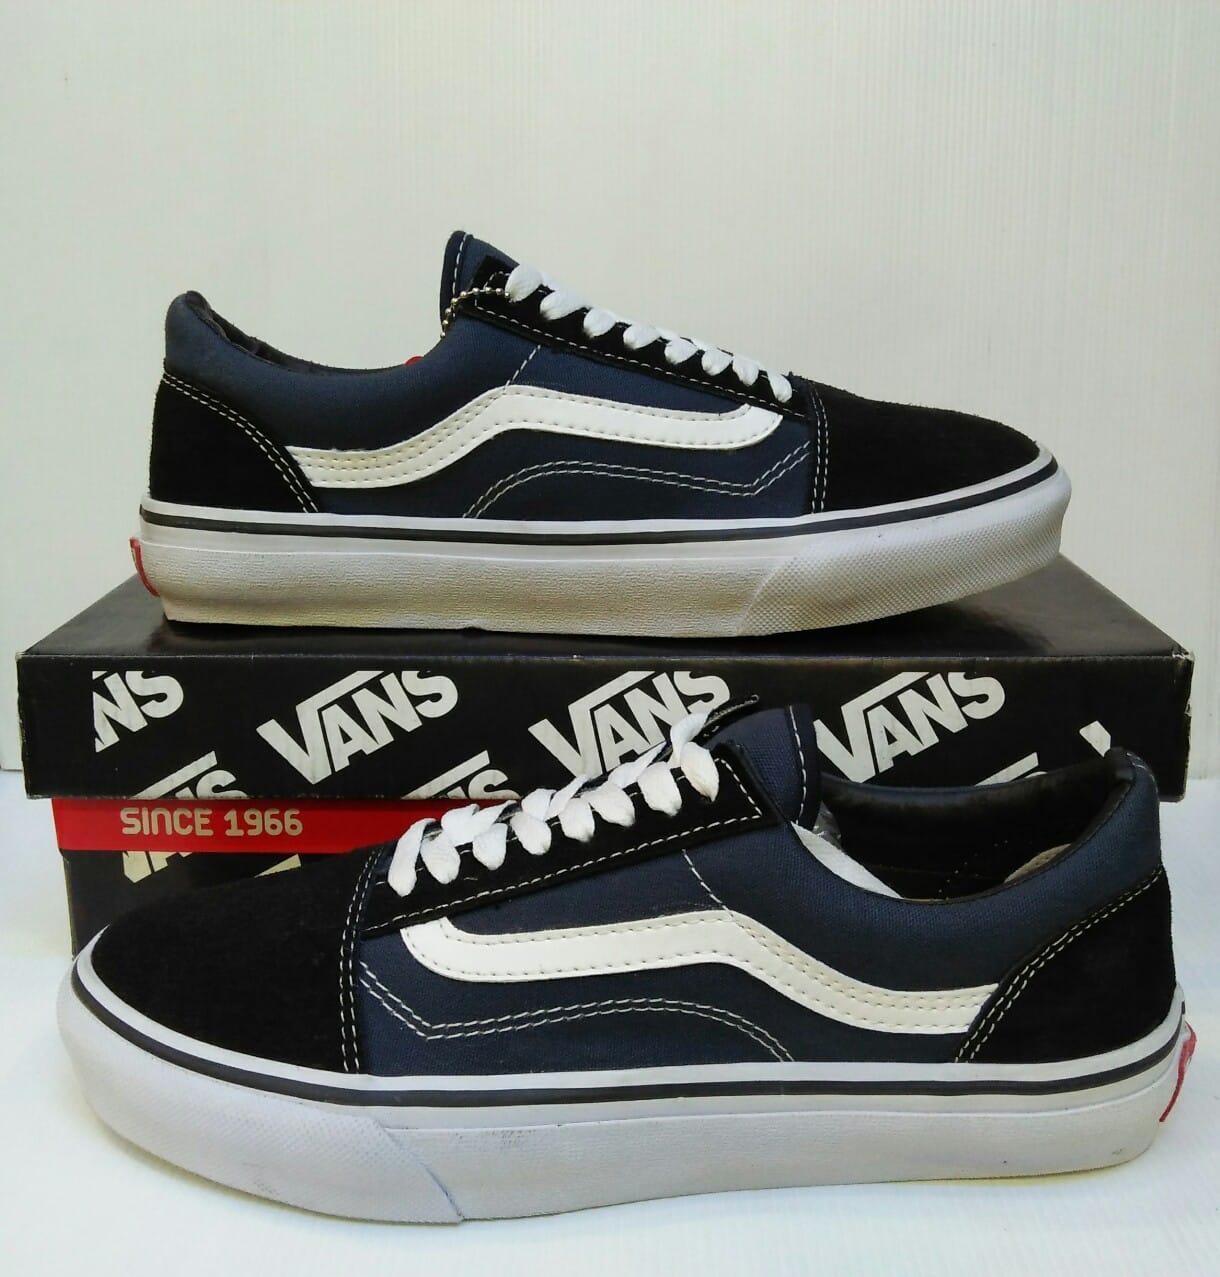 Sepatu Casual Pria Vans OldSkool CheckerBoard / Sepatu Skate Vans Checker Board Old Skool Sneakers